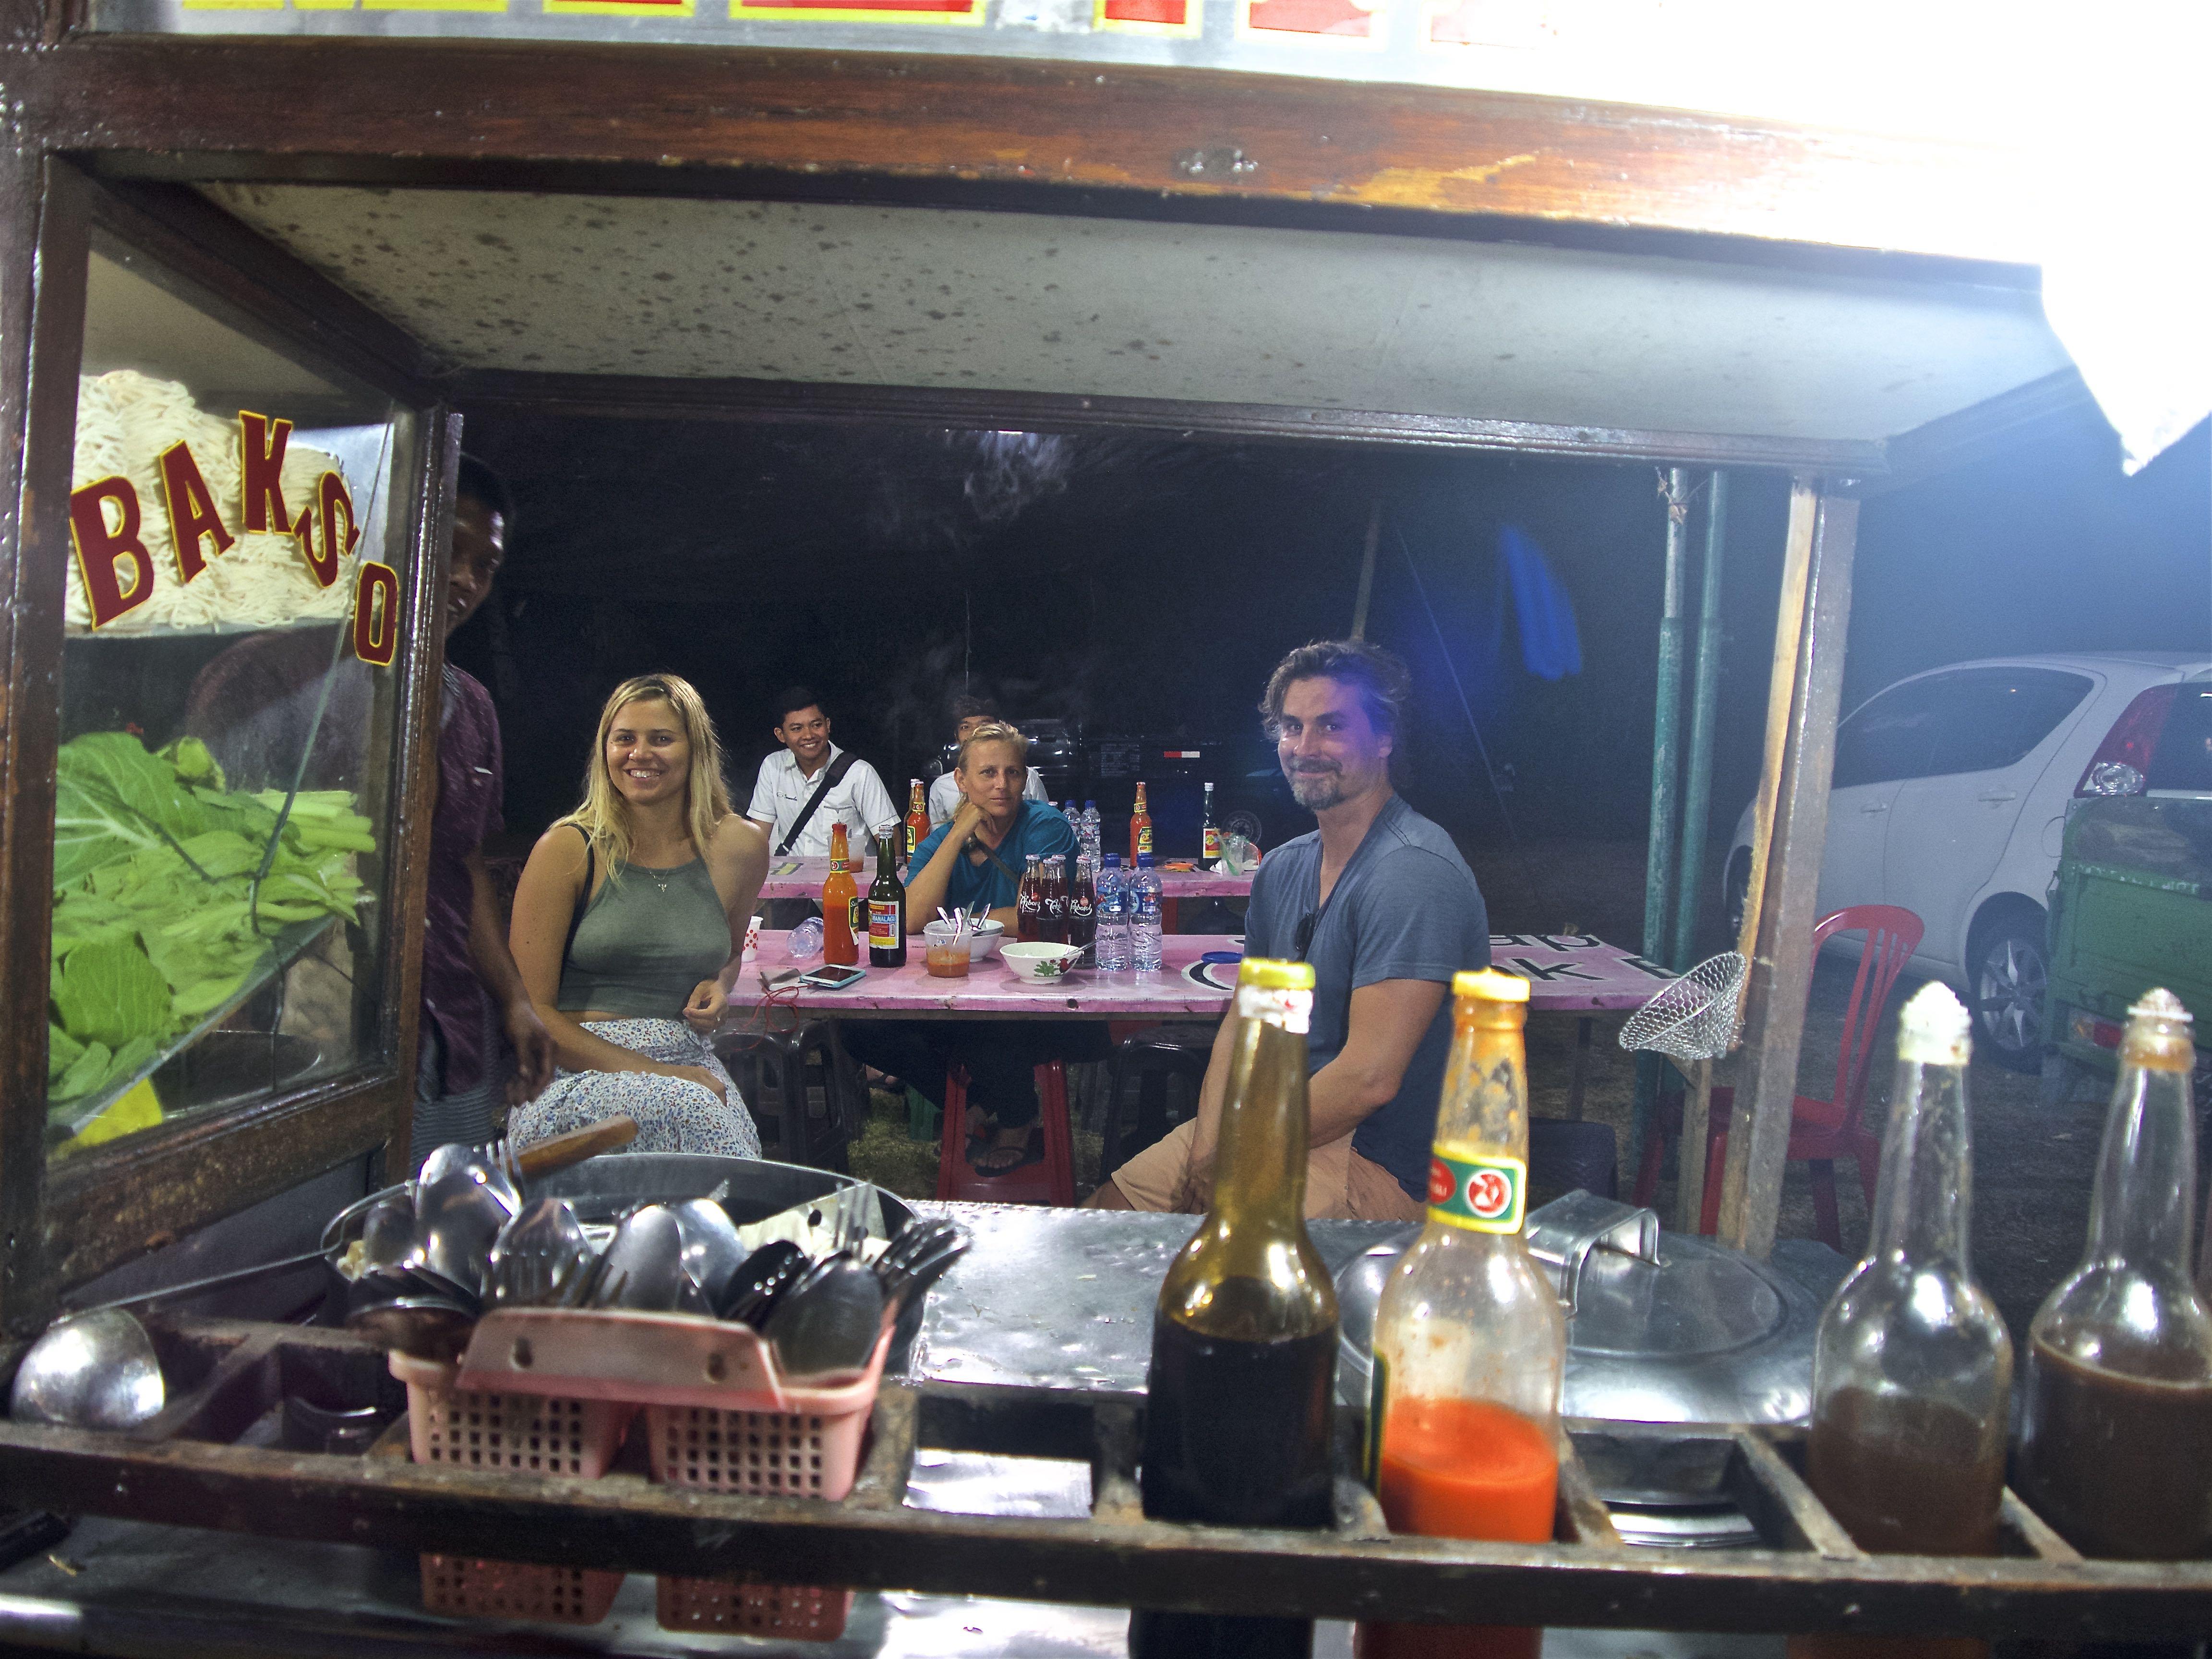 PA080031 - Good bye Bali